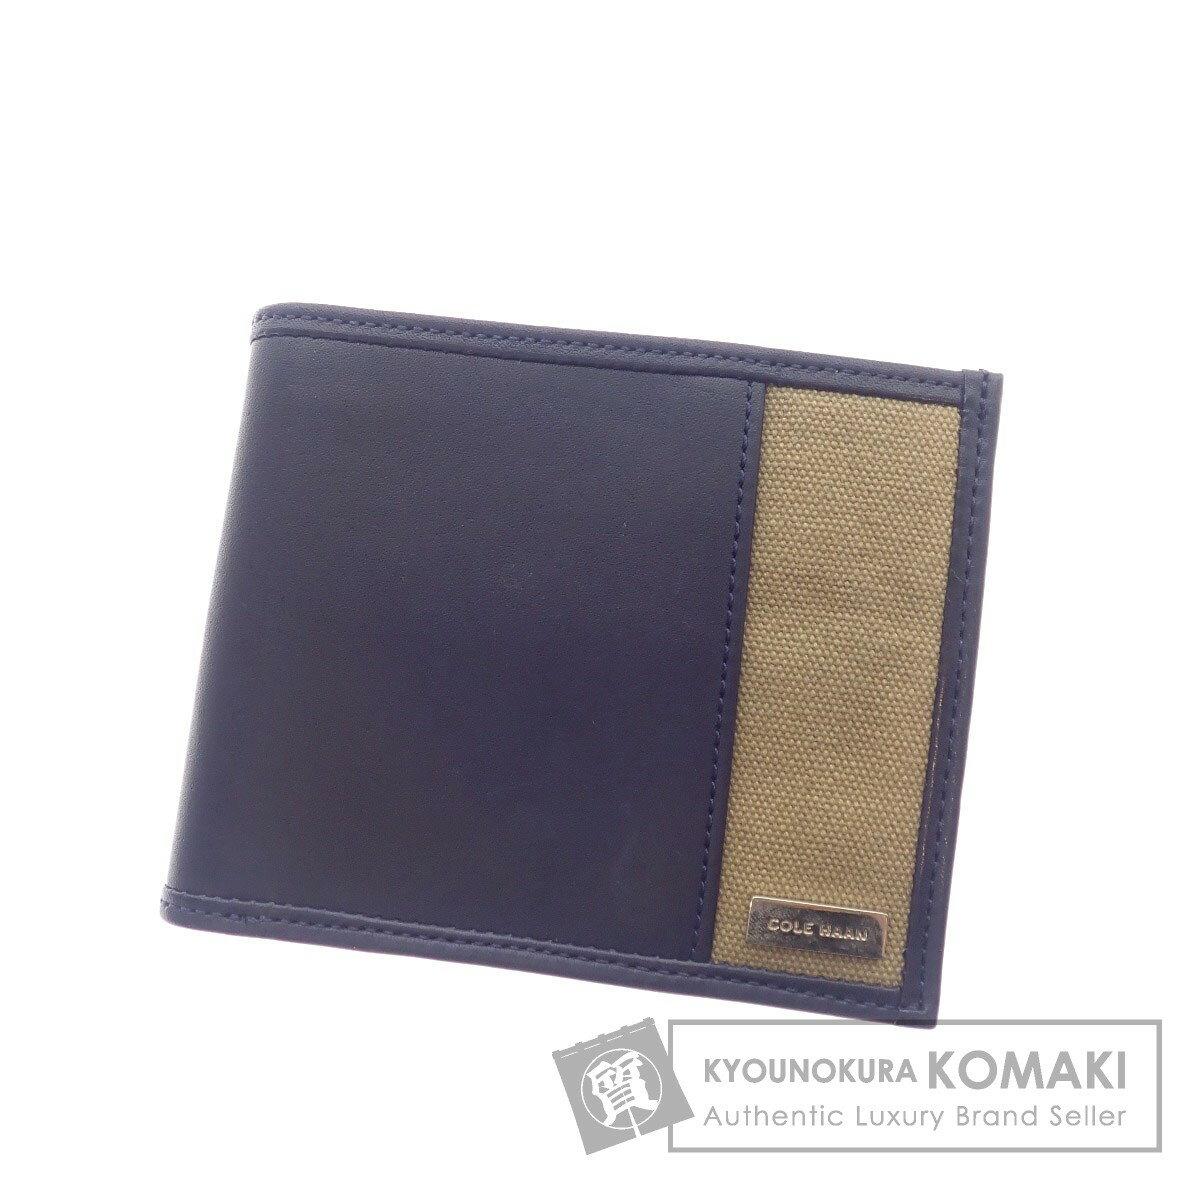 Cole Haan ロゴモチーフ 二つ折り財布(小銭入れあり) レザー/キャンバス メンズ 【中古】【コールハーン】